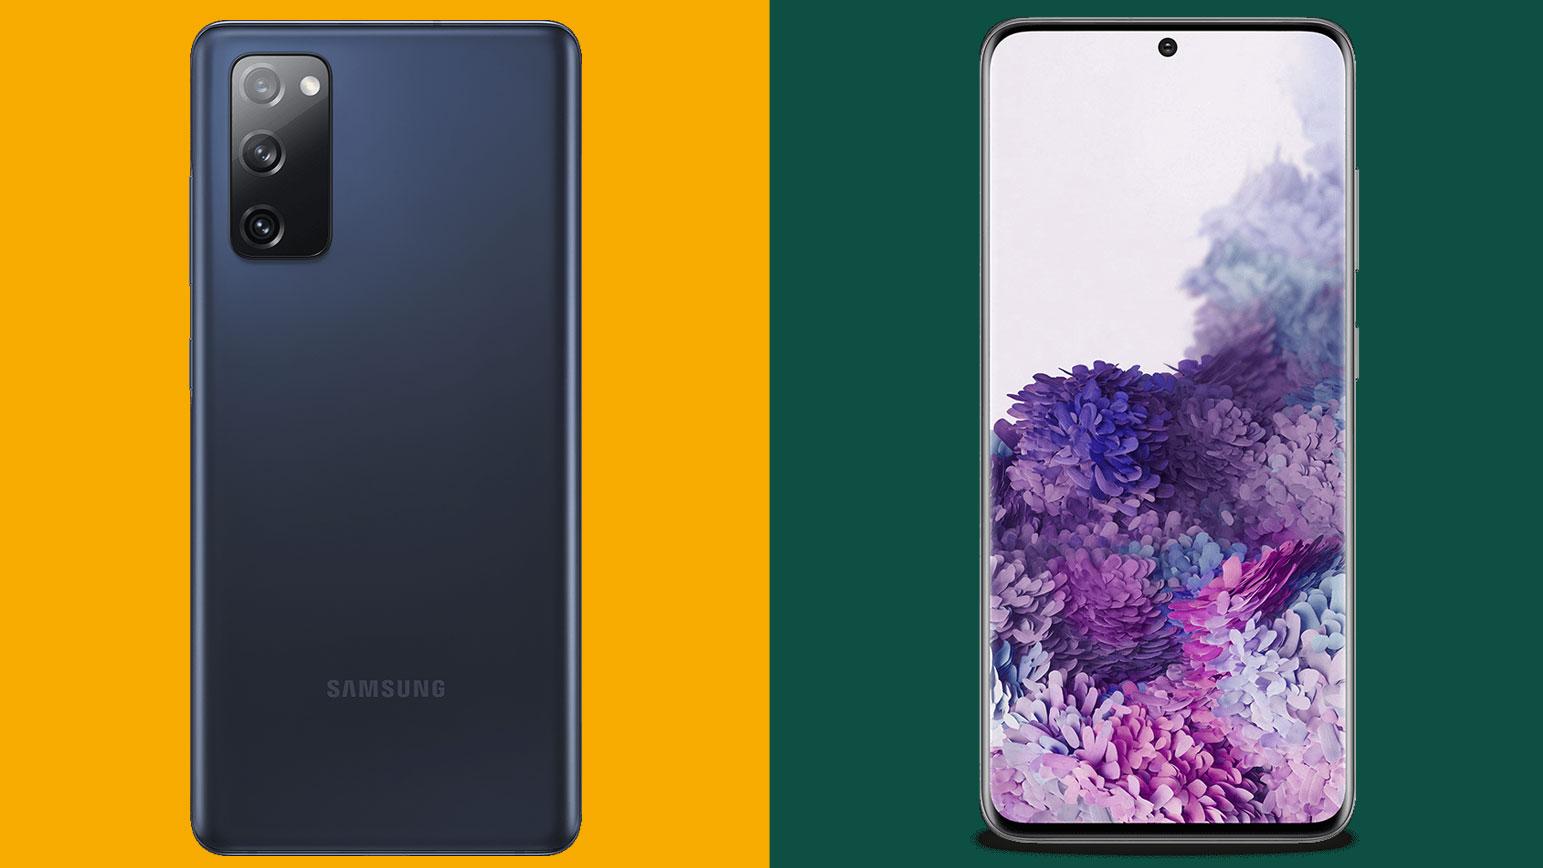 Samsung Galaxy S20 FE contra Samsung Galaxy S20